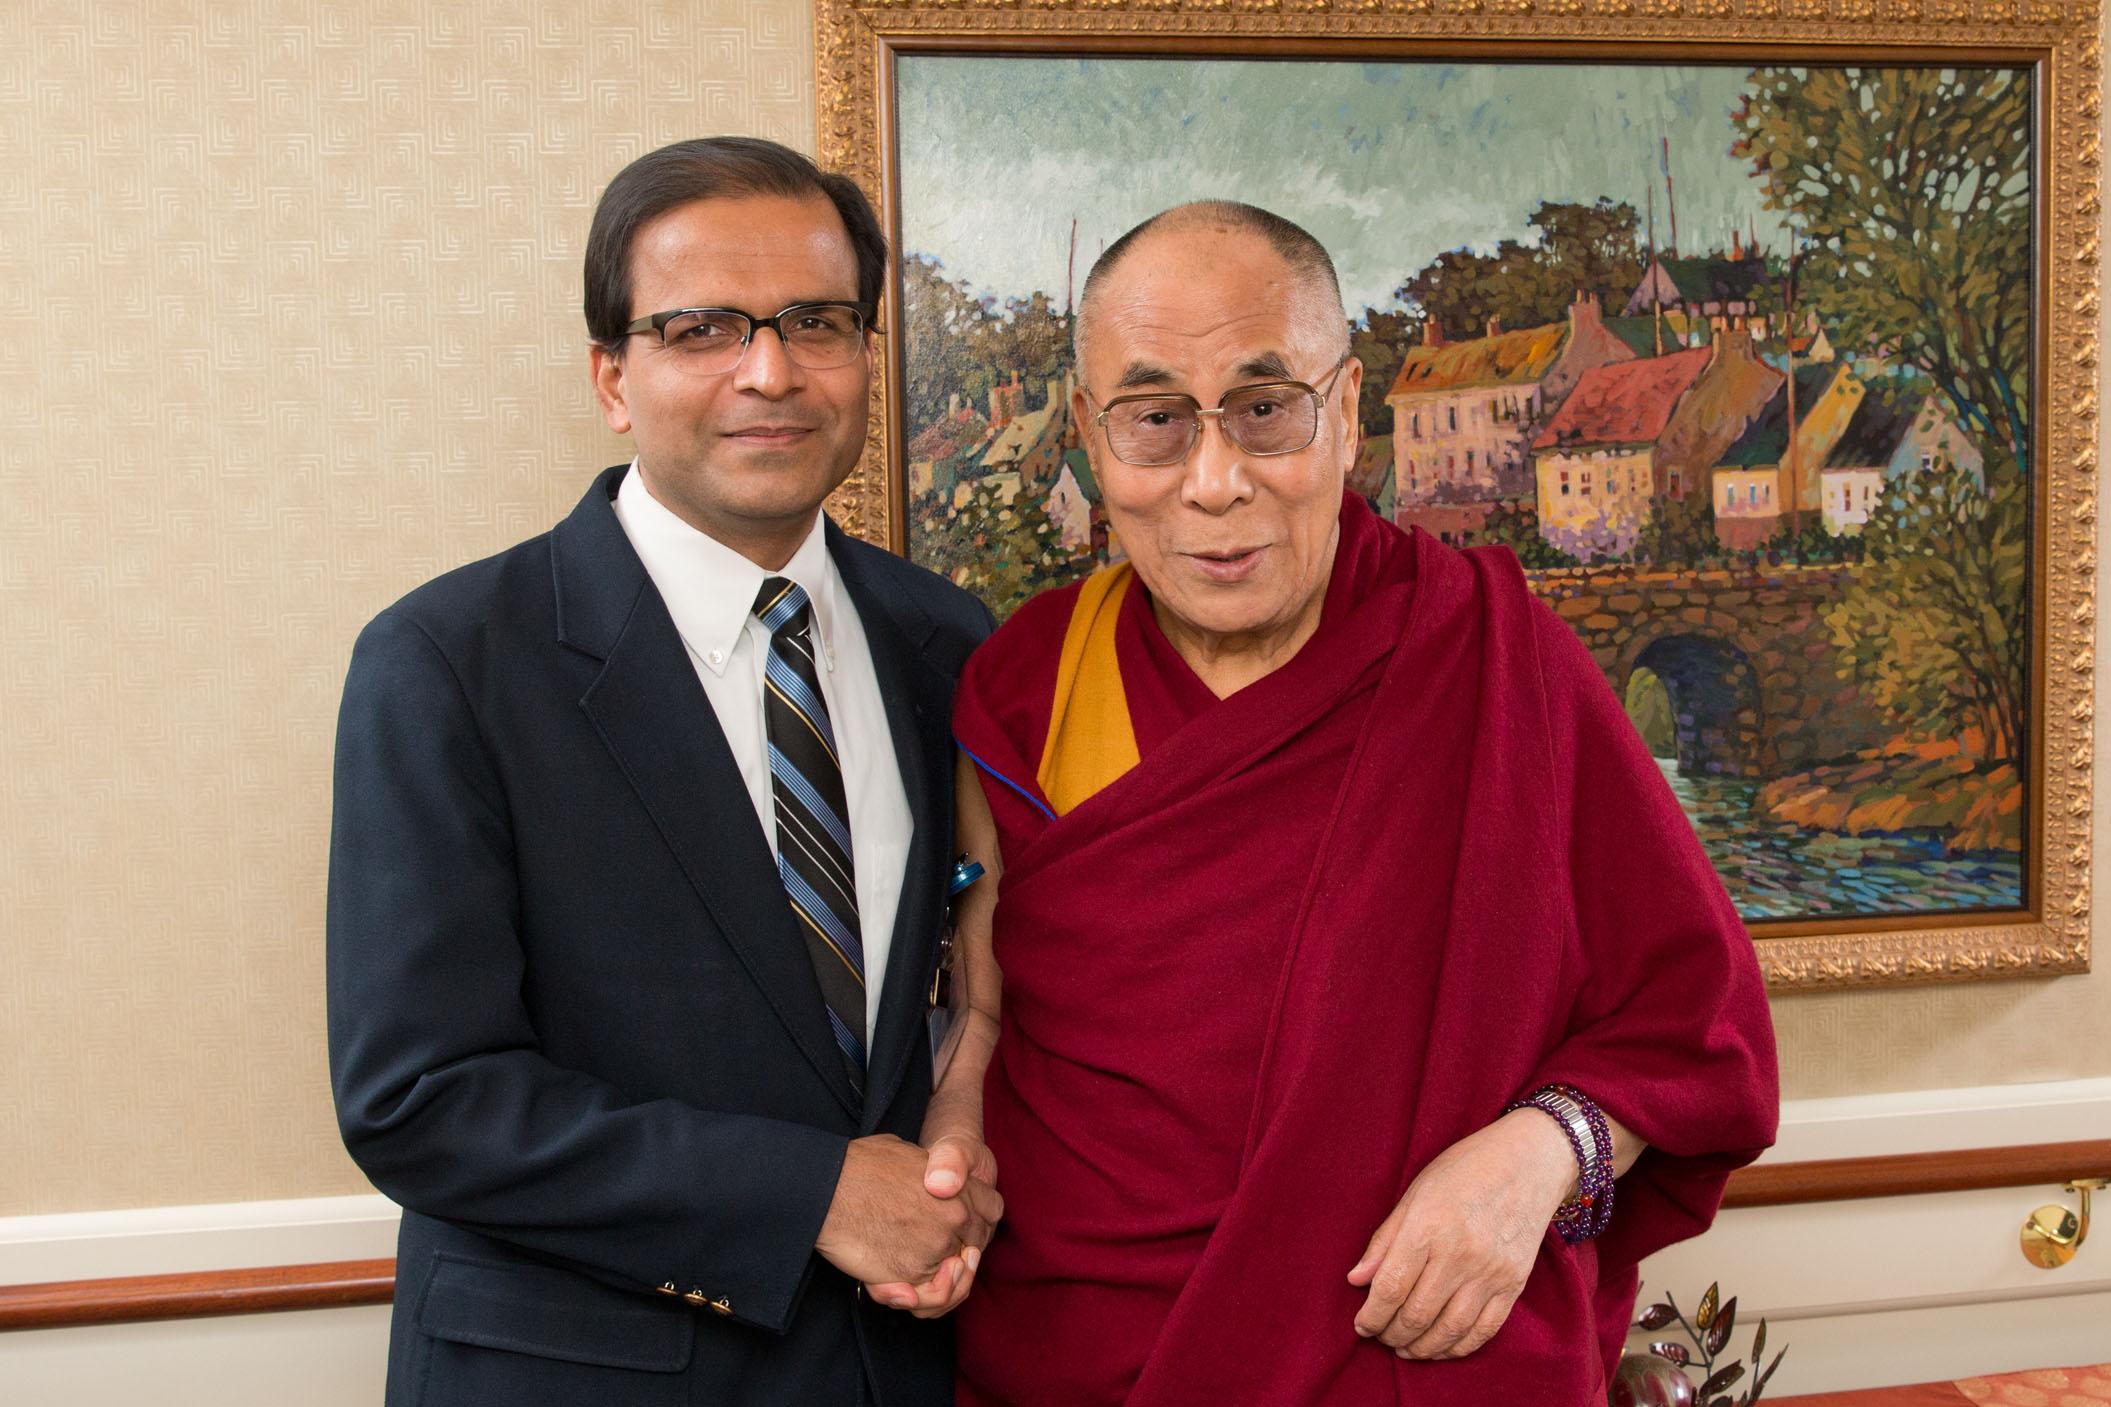 With Dalai Lama.jpg